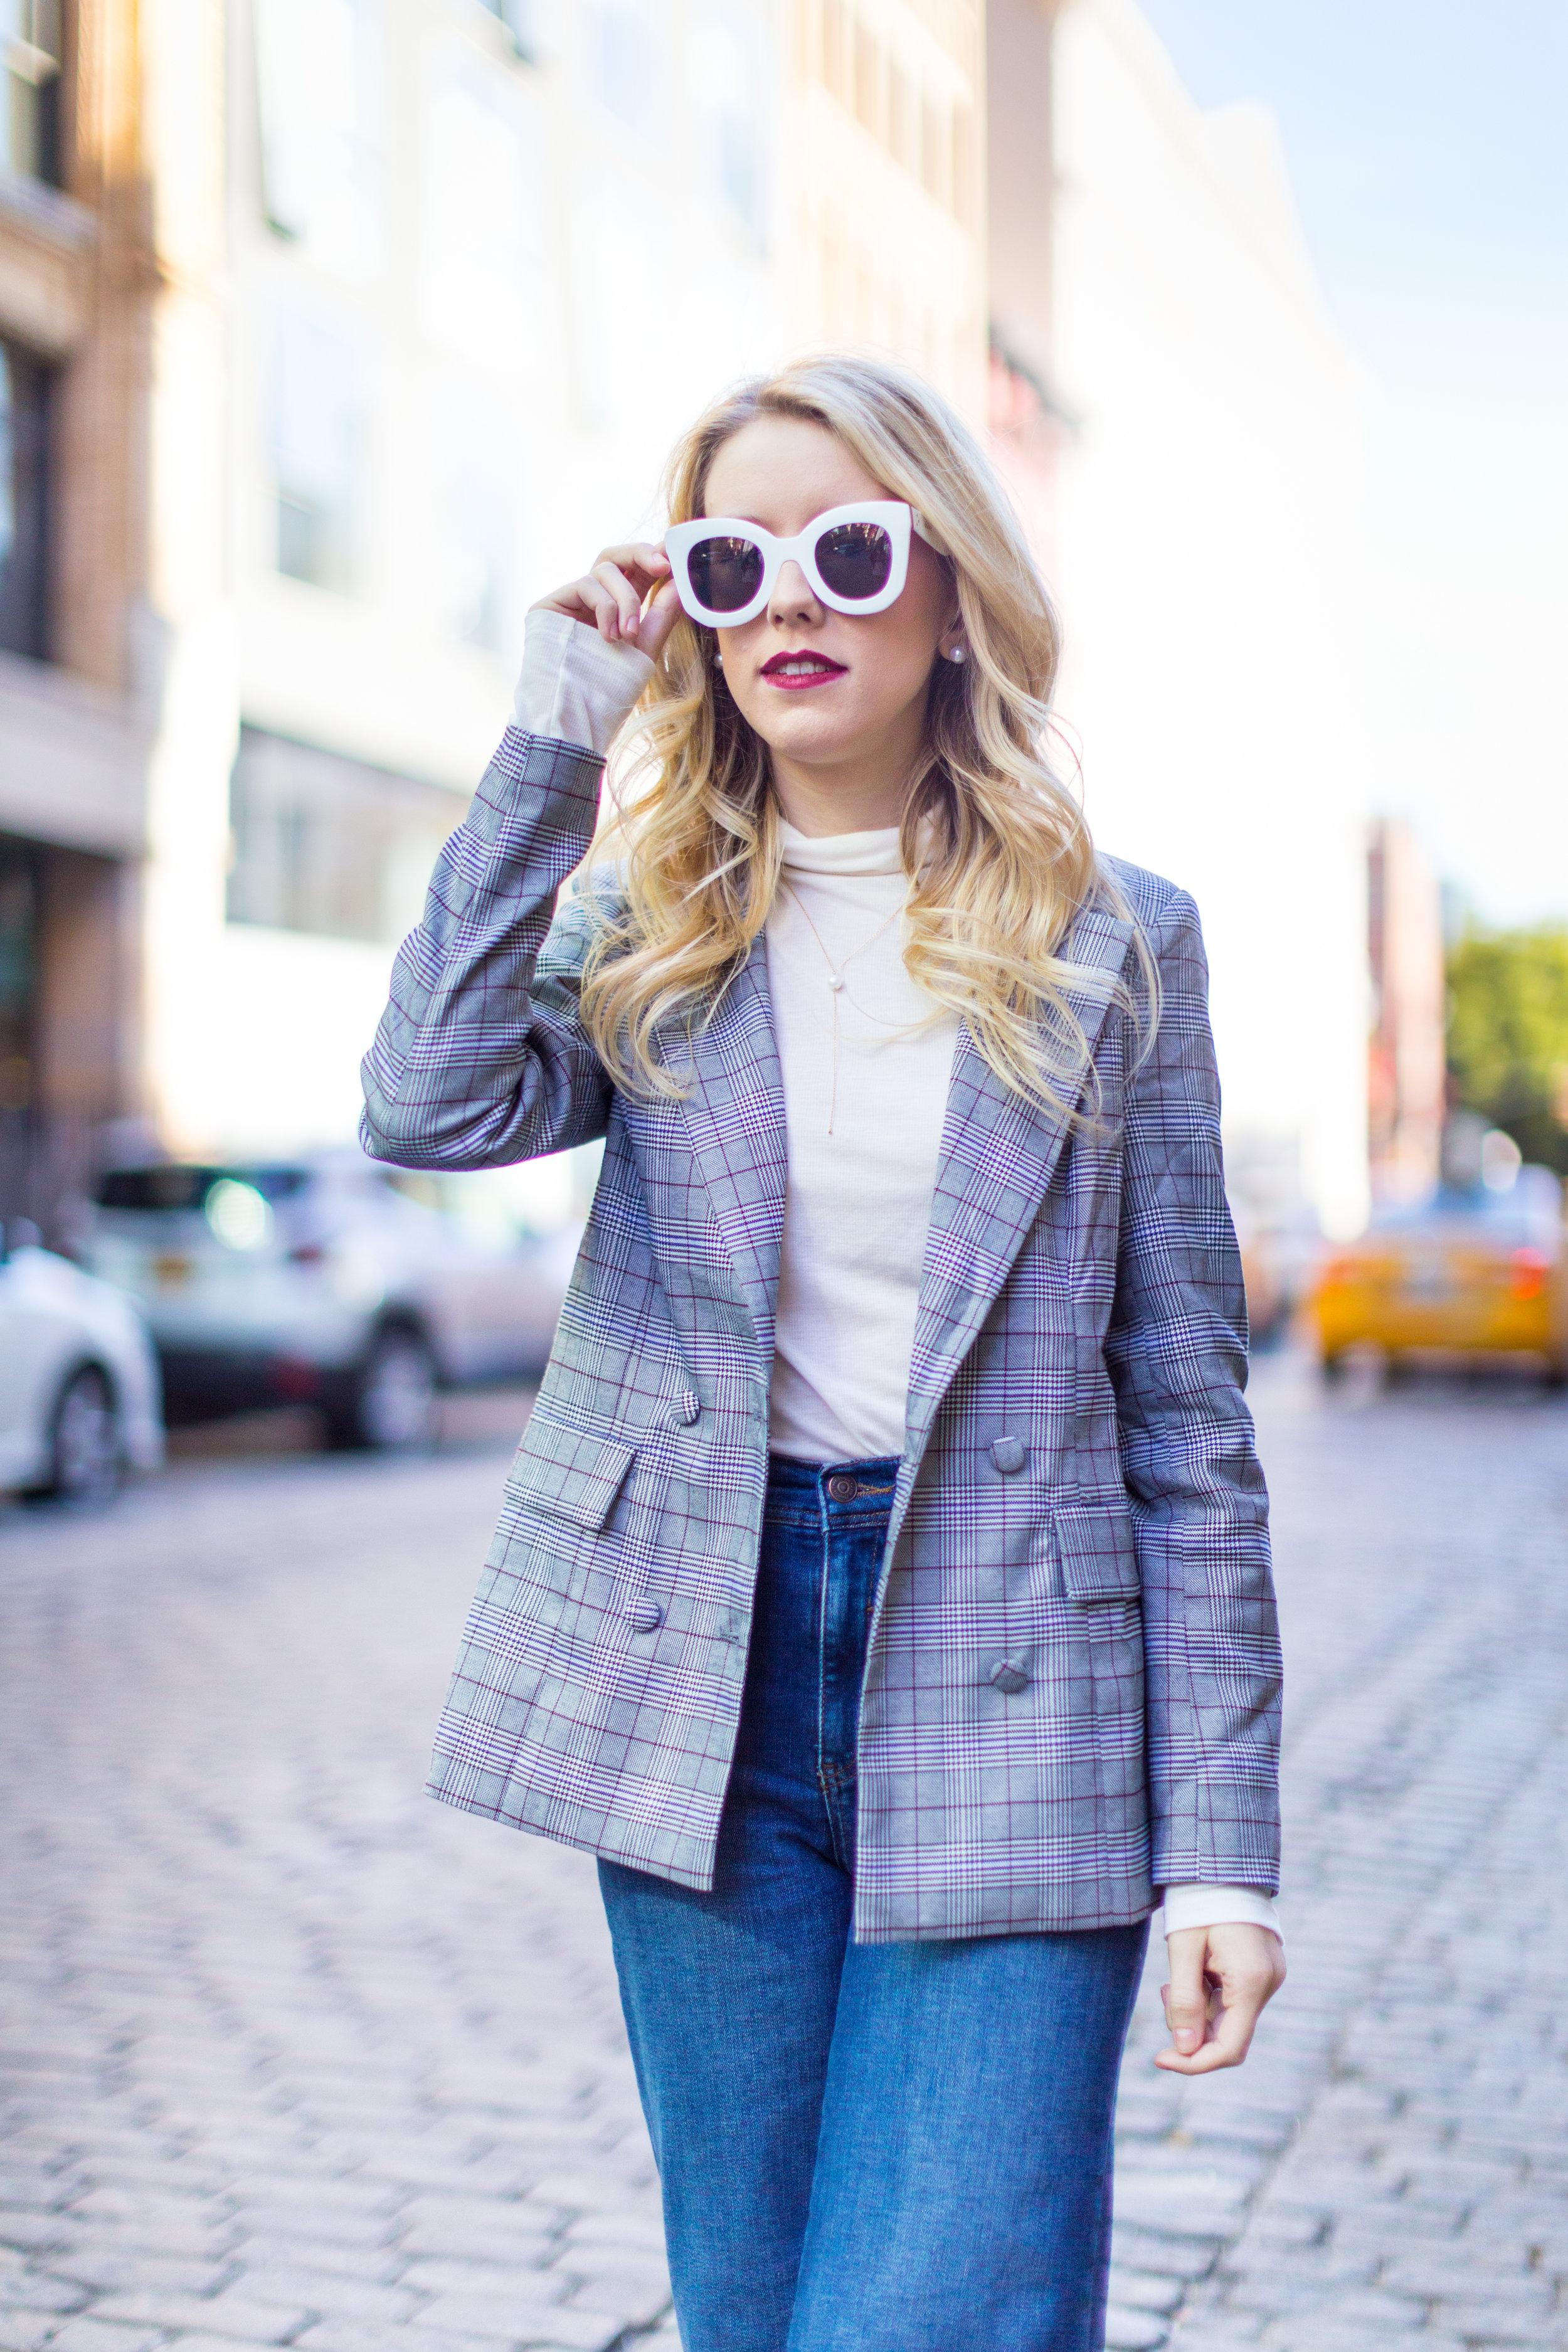 NYC Fall Fashion Trends Plaid Blazer-7.jpg